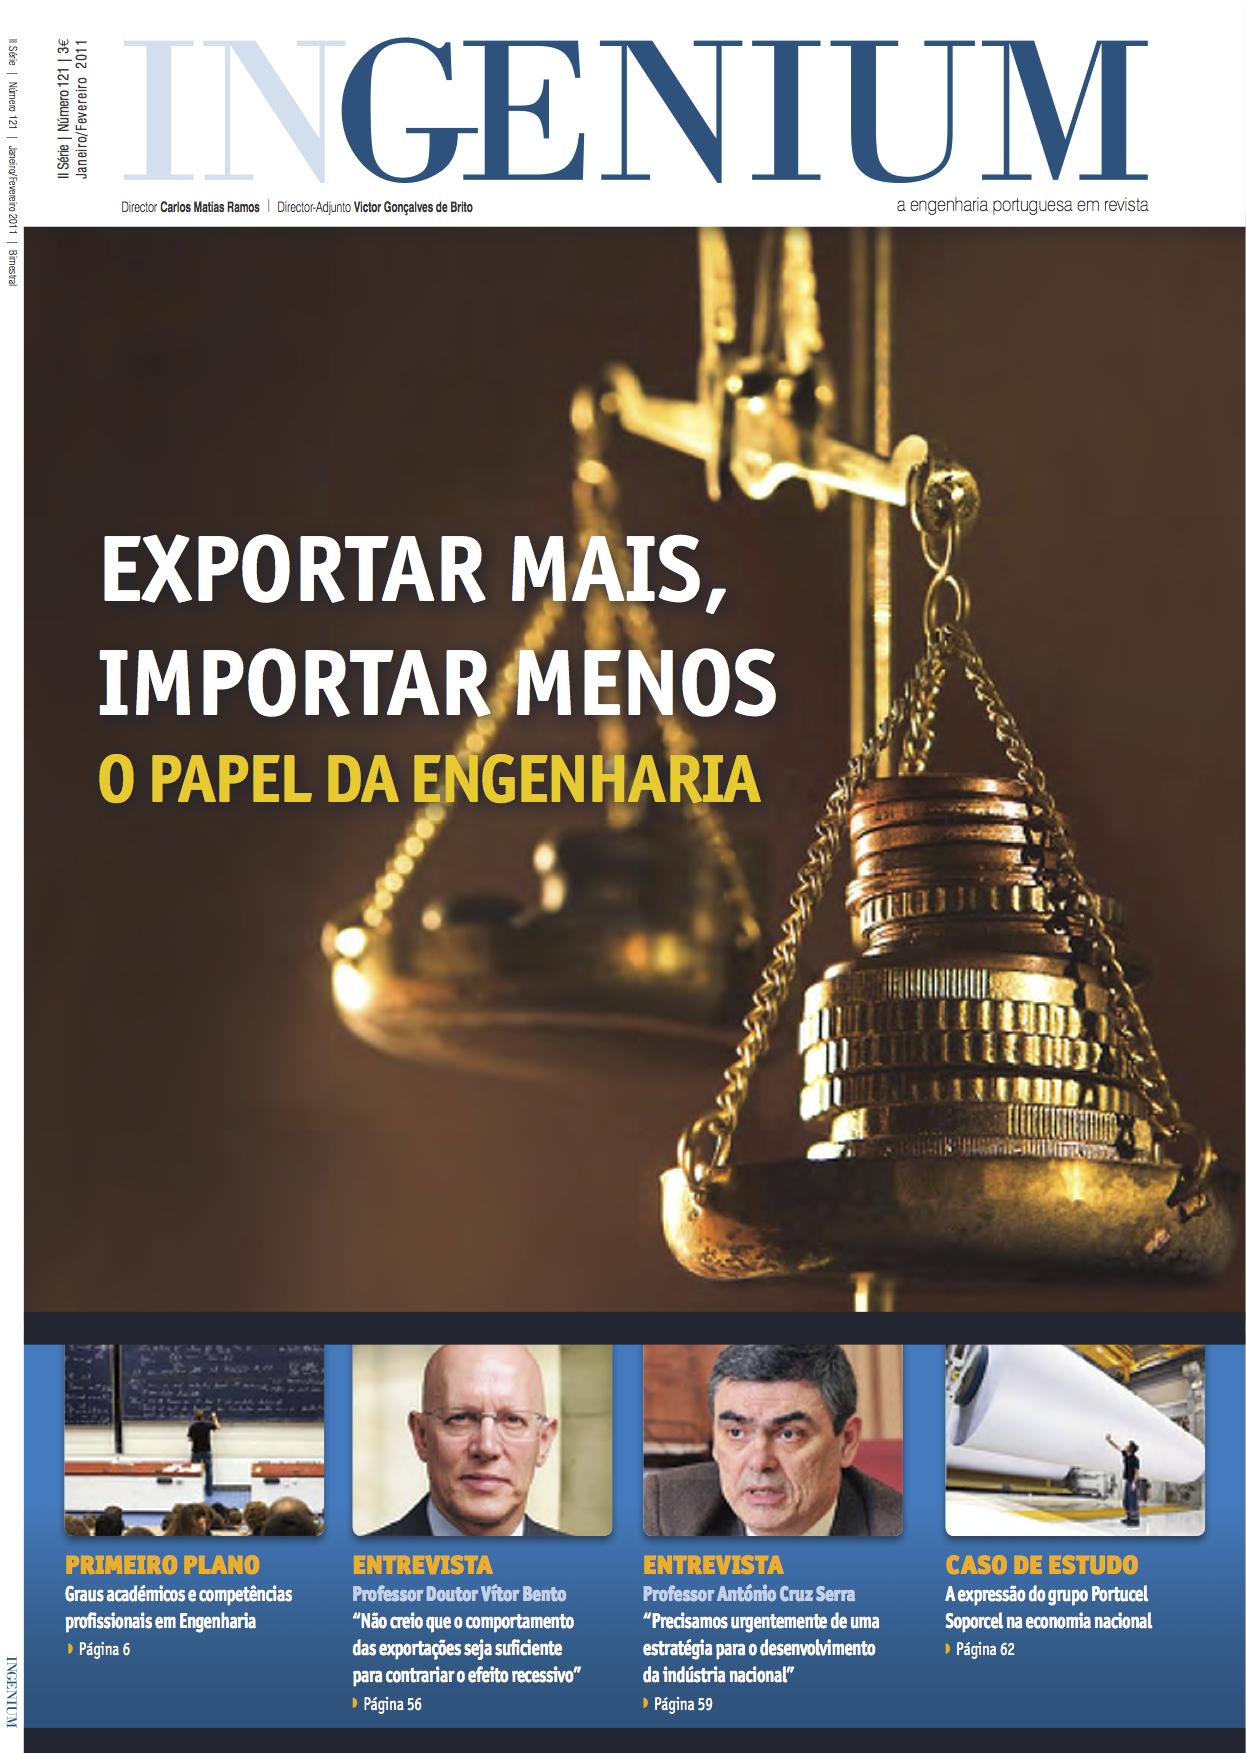 capa-artigo-lco-ingenium121